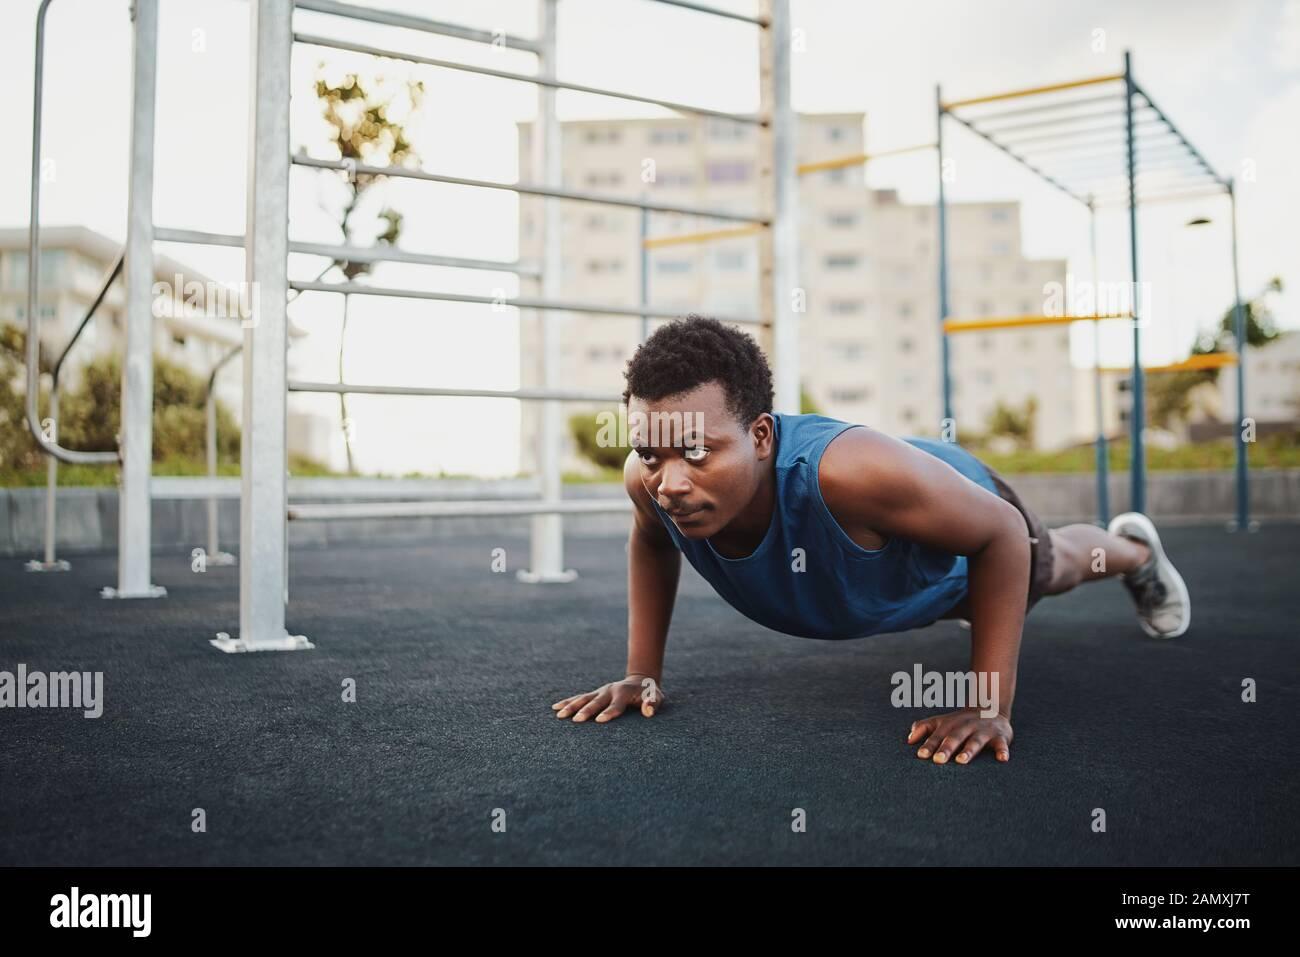 Colocar joven hombre afroamericano trabajaban sobre entrenamiento de fuerza crossfit haciendo flexiones en la calistenia park Foto de stock